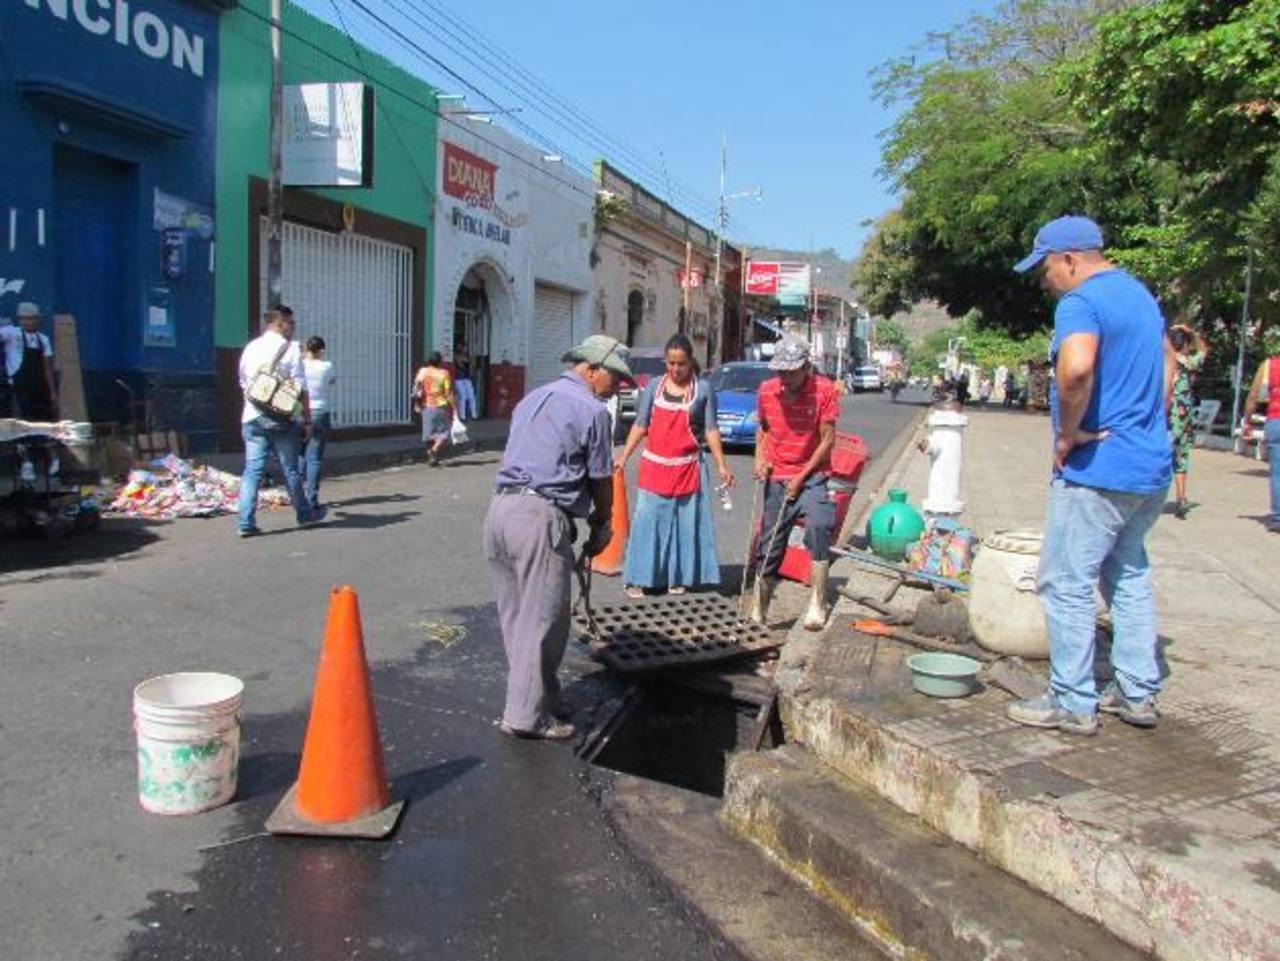 La comuna santaneca se está preparando para el invierno desarrollando un plan de limpieza de tragantes en los contornos de las plazas de abastos. Foto EDH / Mauricio Guevara